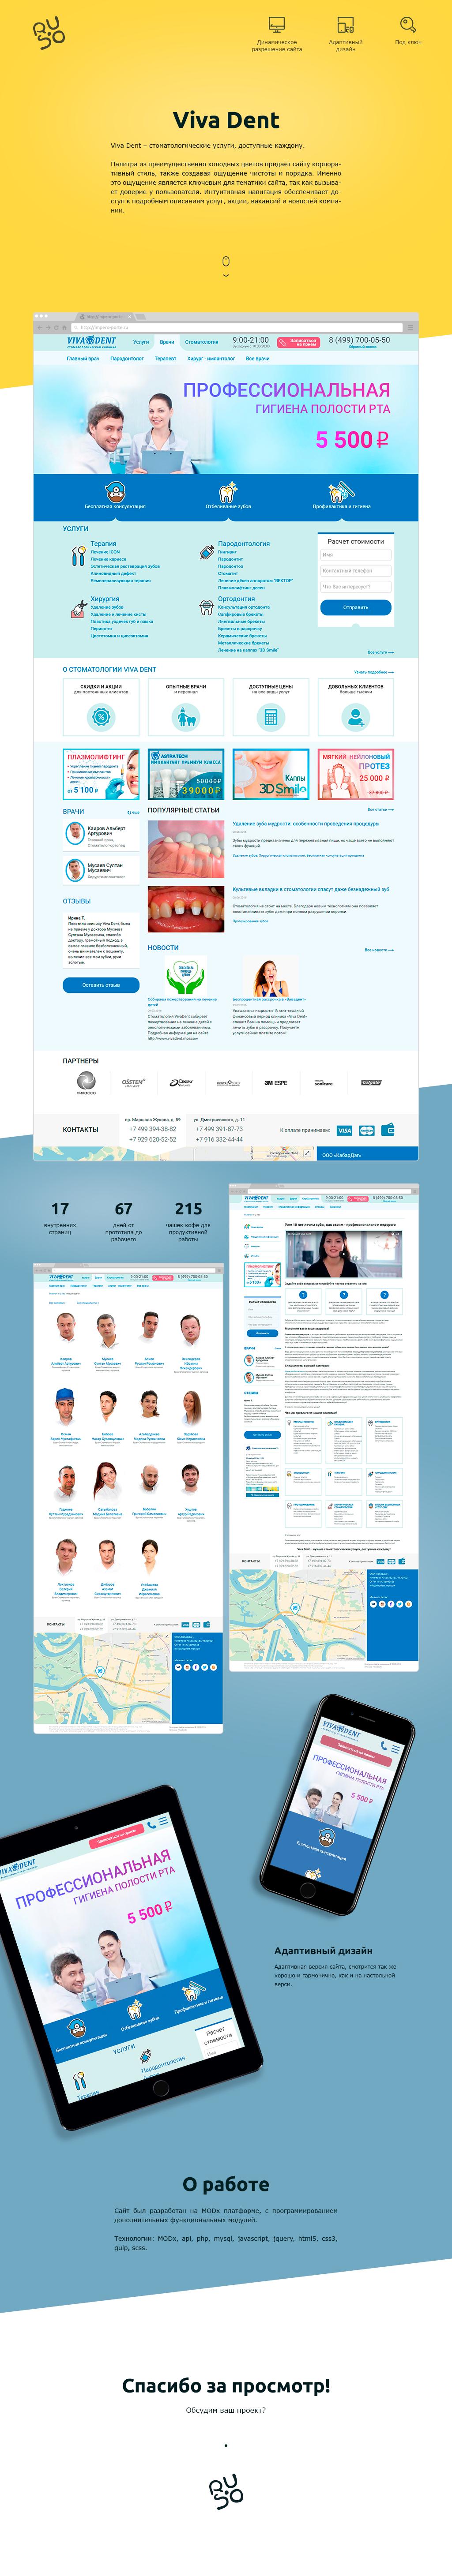 """Сайт """"VivaDent"""" - cтоматология в Москве недорого и на 100% качественно"""